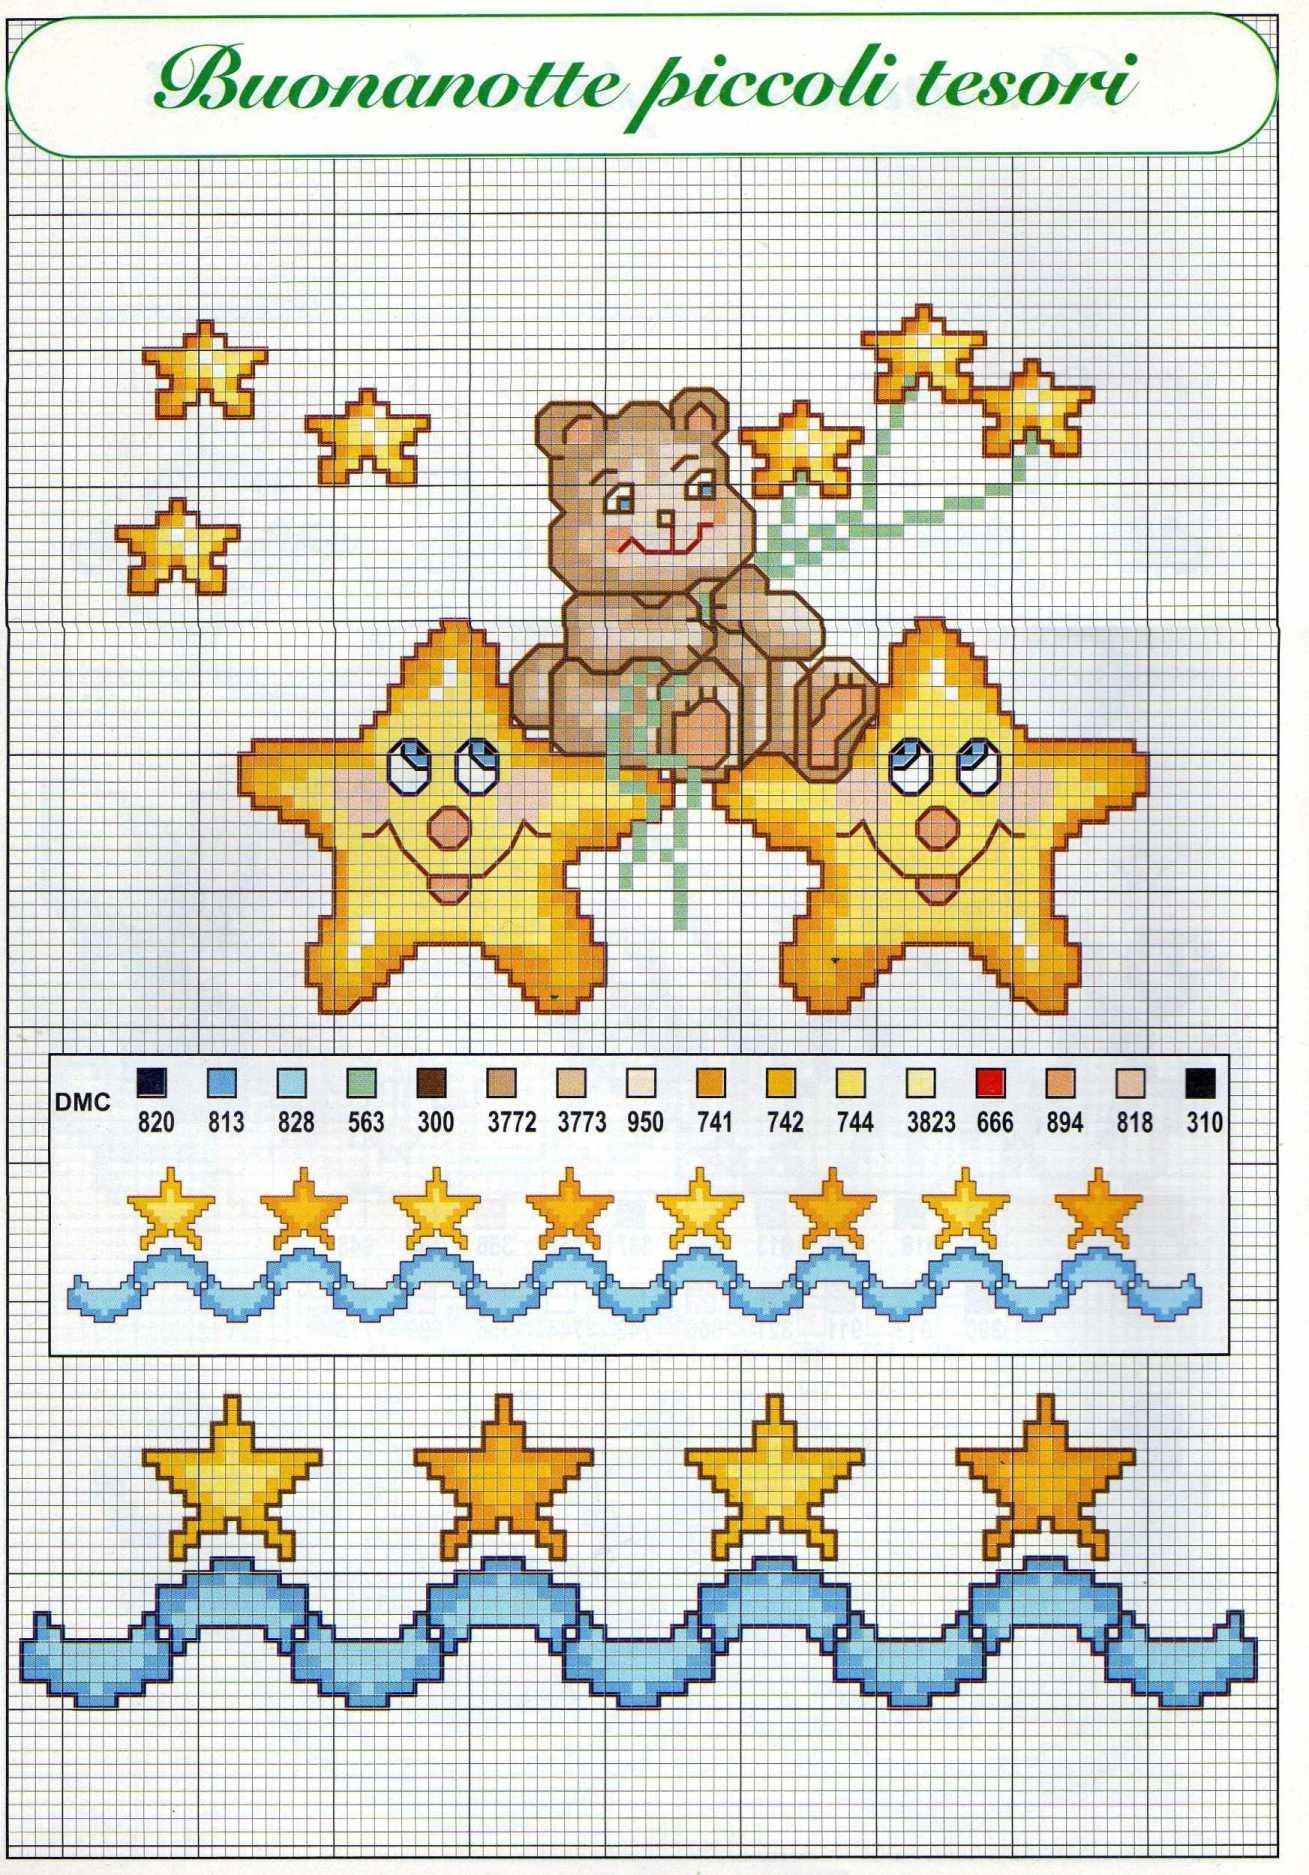 Luna e stelle schemi punto croce per bambini nascita 1 for Schemi punto croce bambini gratis